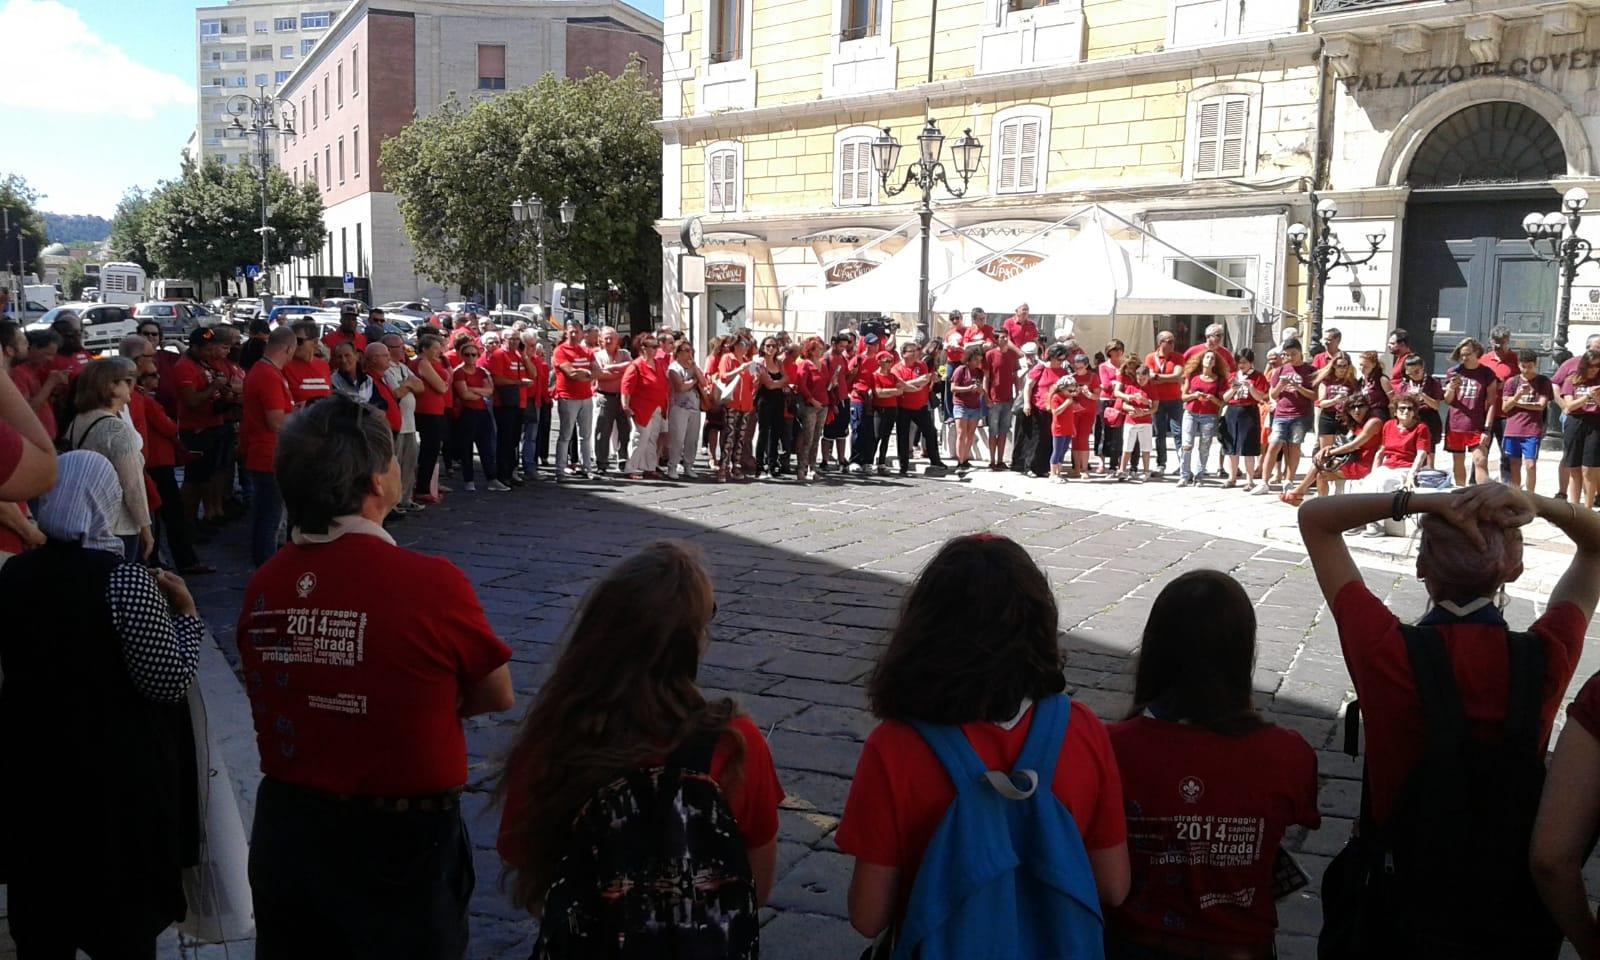 Magliette rosse, il Molise c'è contro le stragi in mare